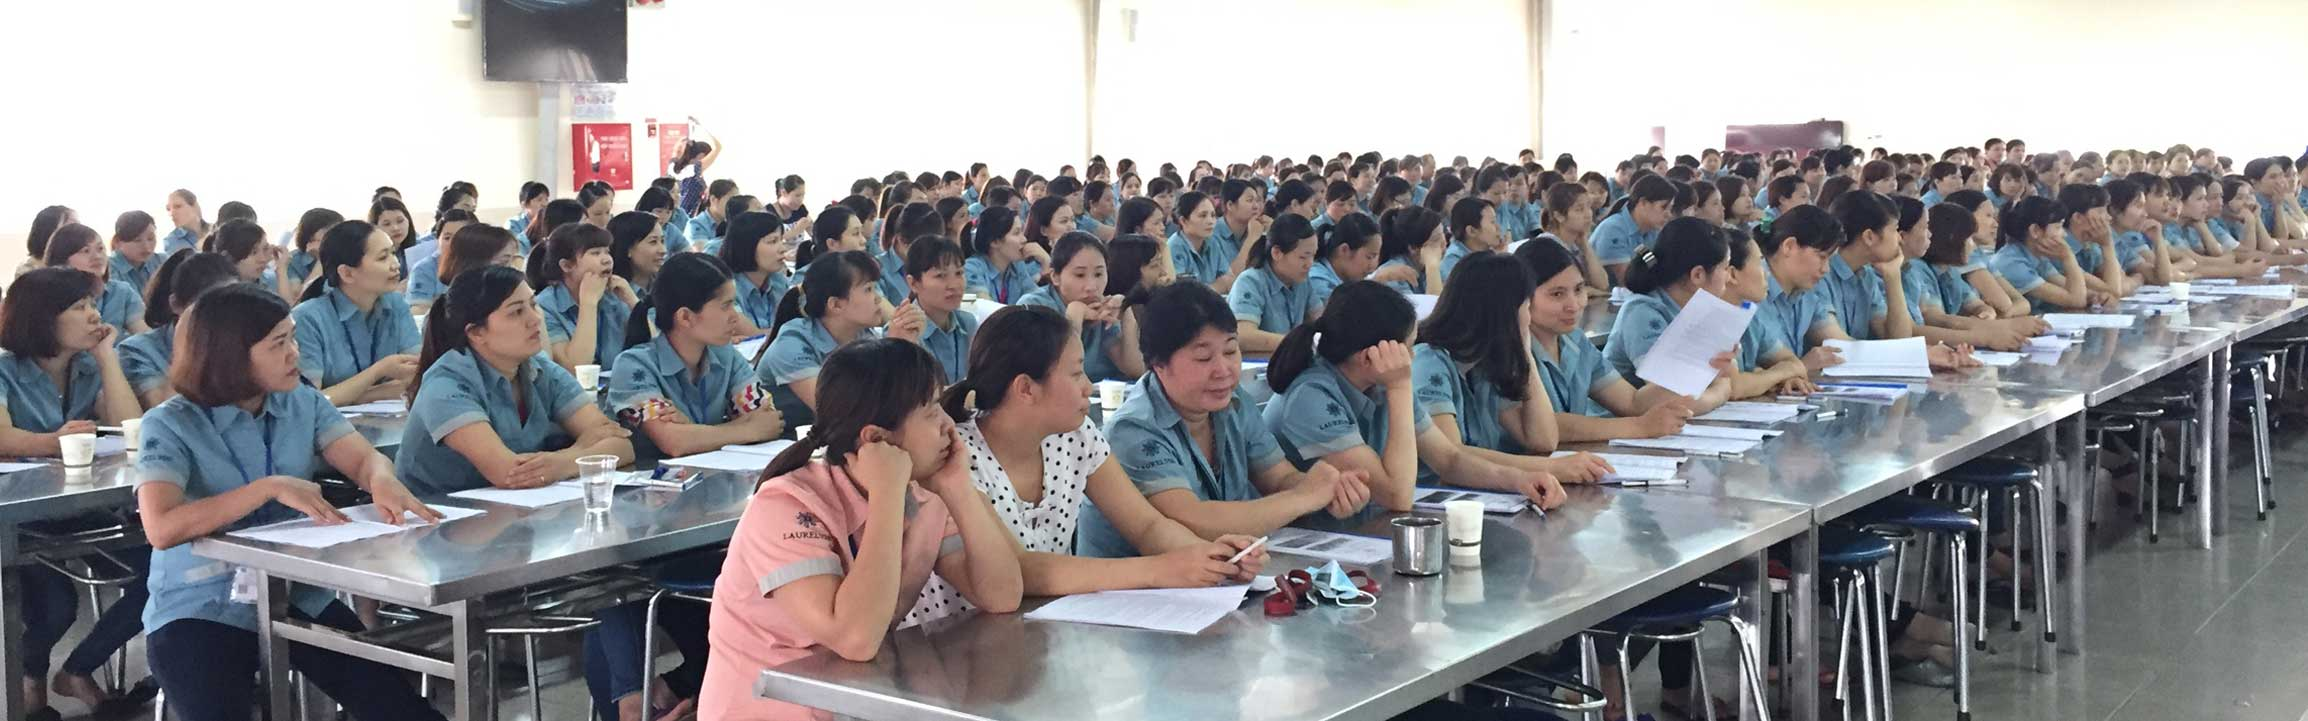 Giáo dục Phương Đông